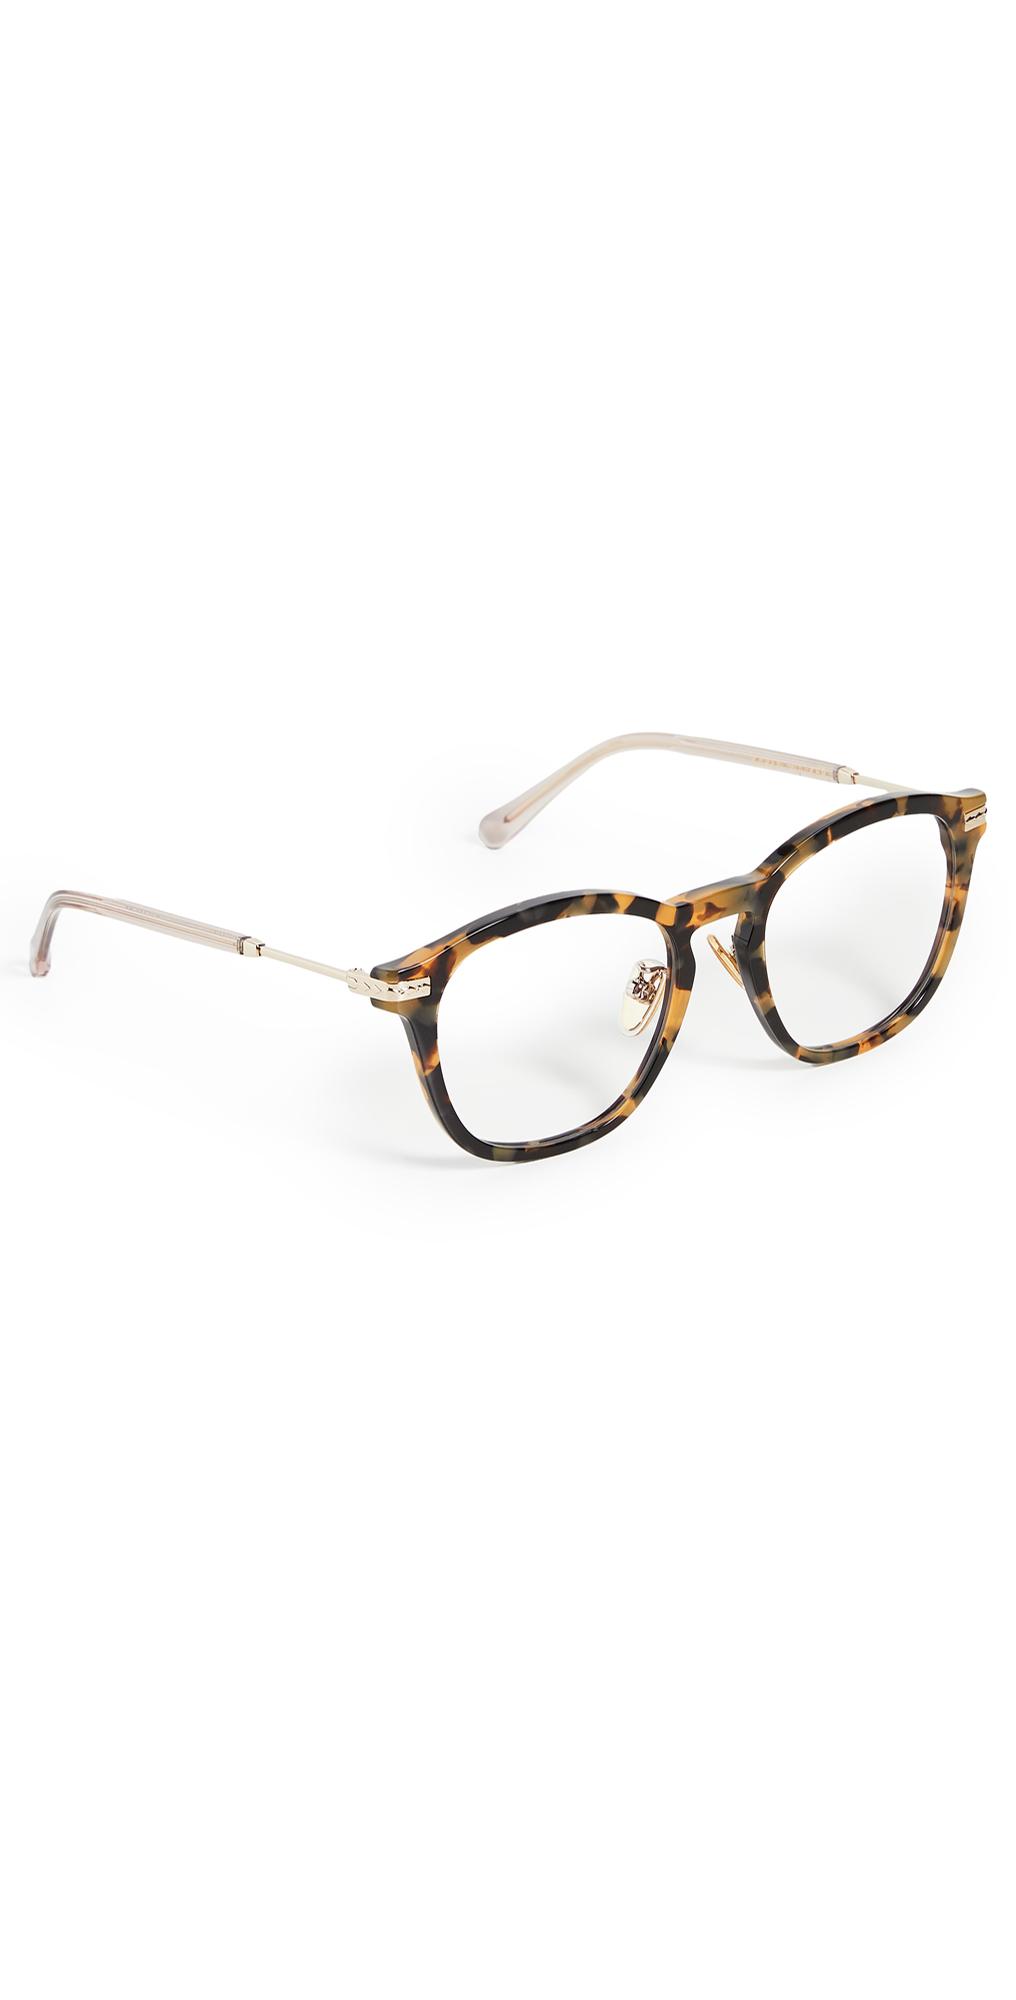 Johannes Blue Light Glasses